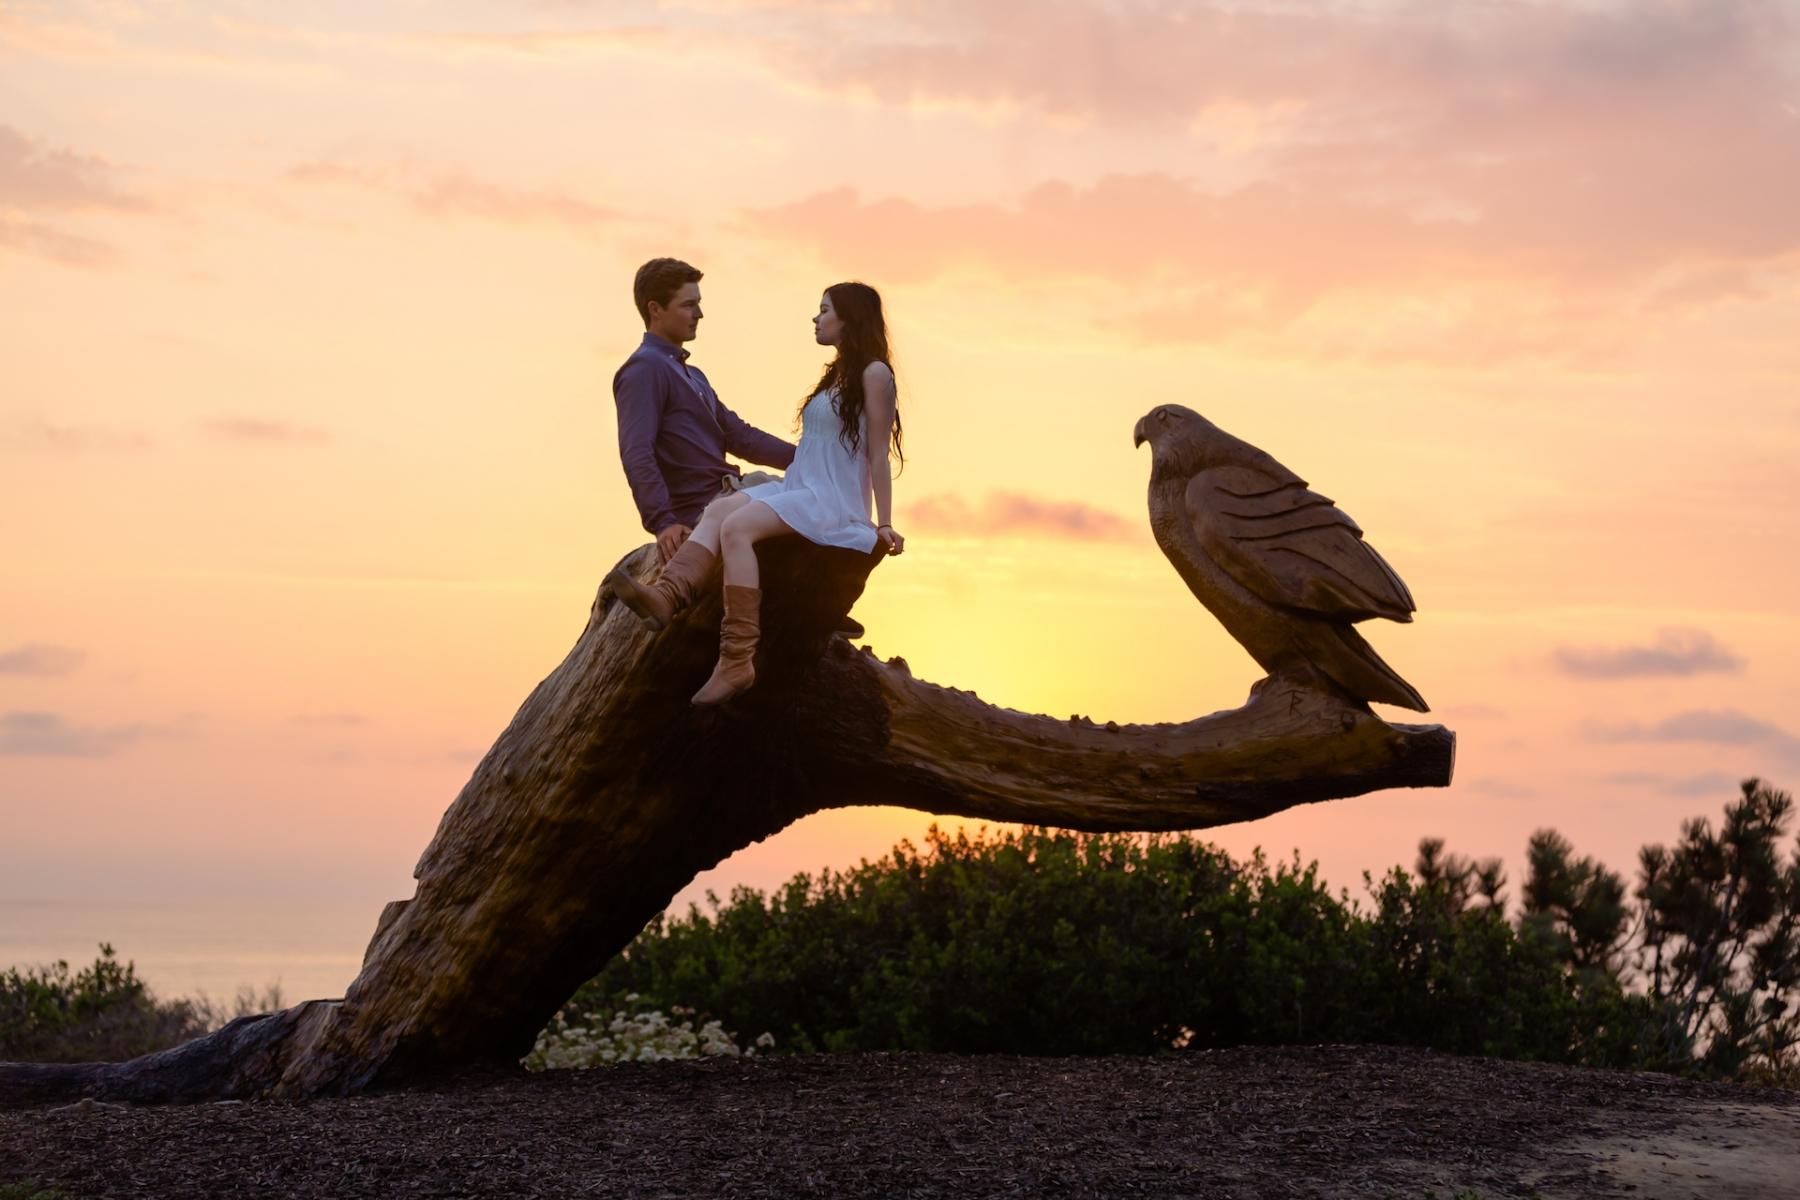 Desert Aloha Photography - Photograph Aloha | 602-345-0008